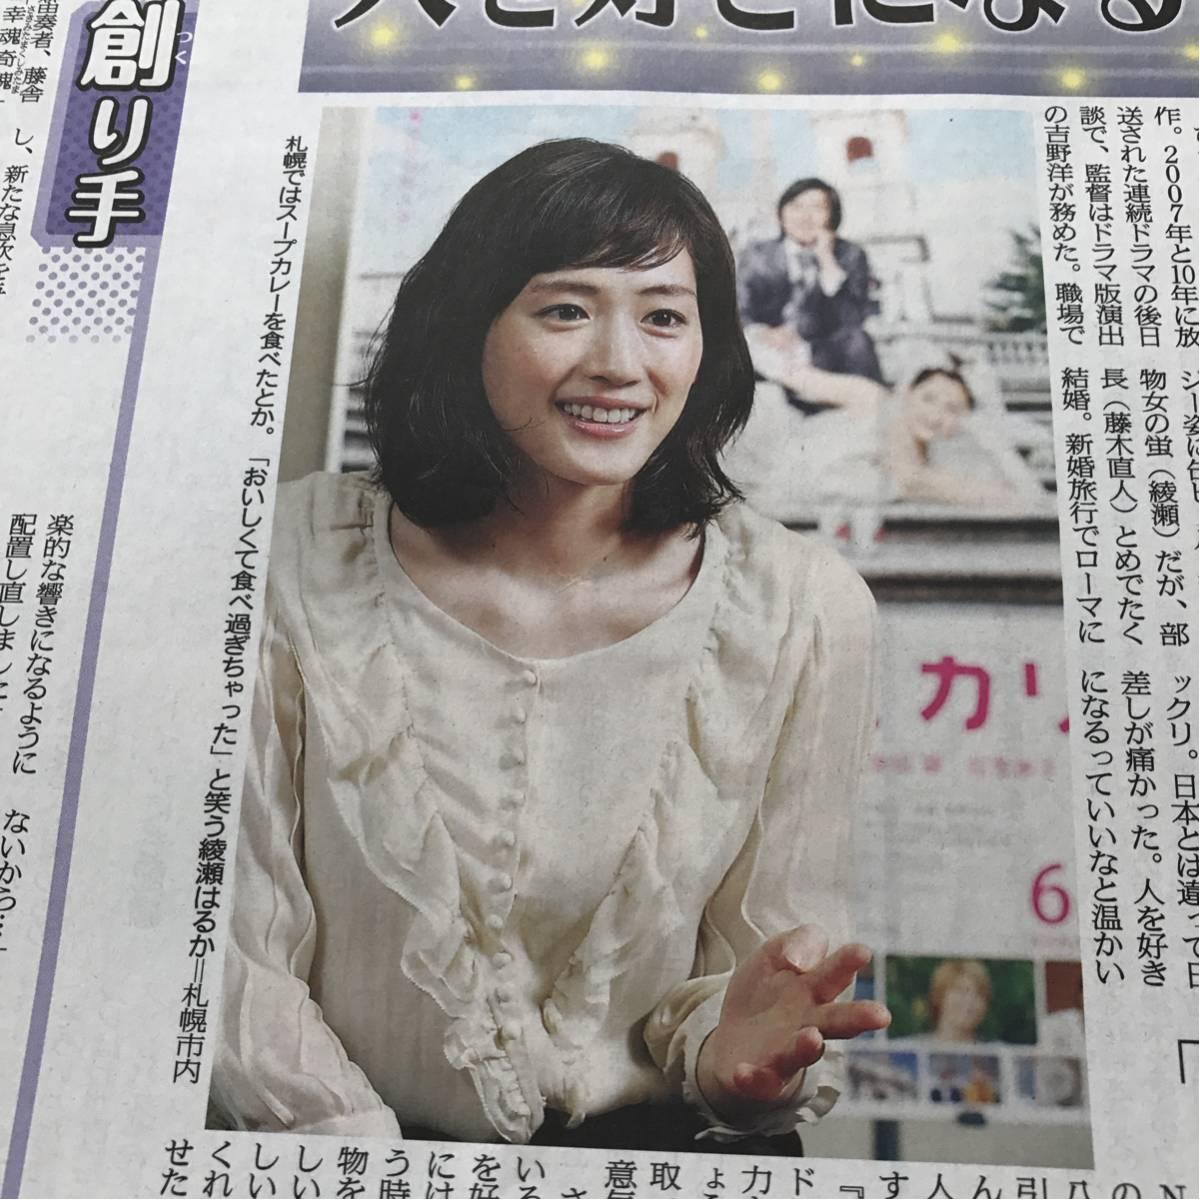 綾瀬はるか☆ホタルノヒカリ☆新聞記事